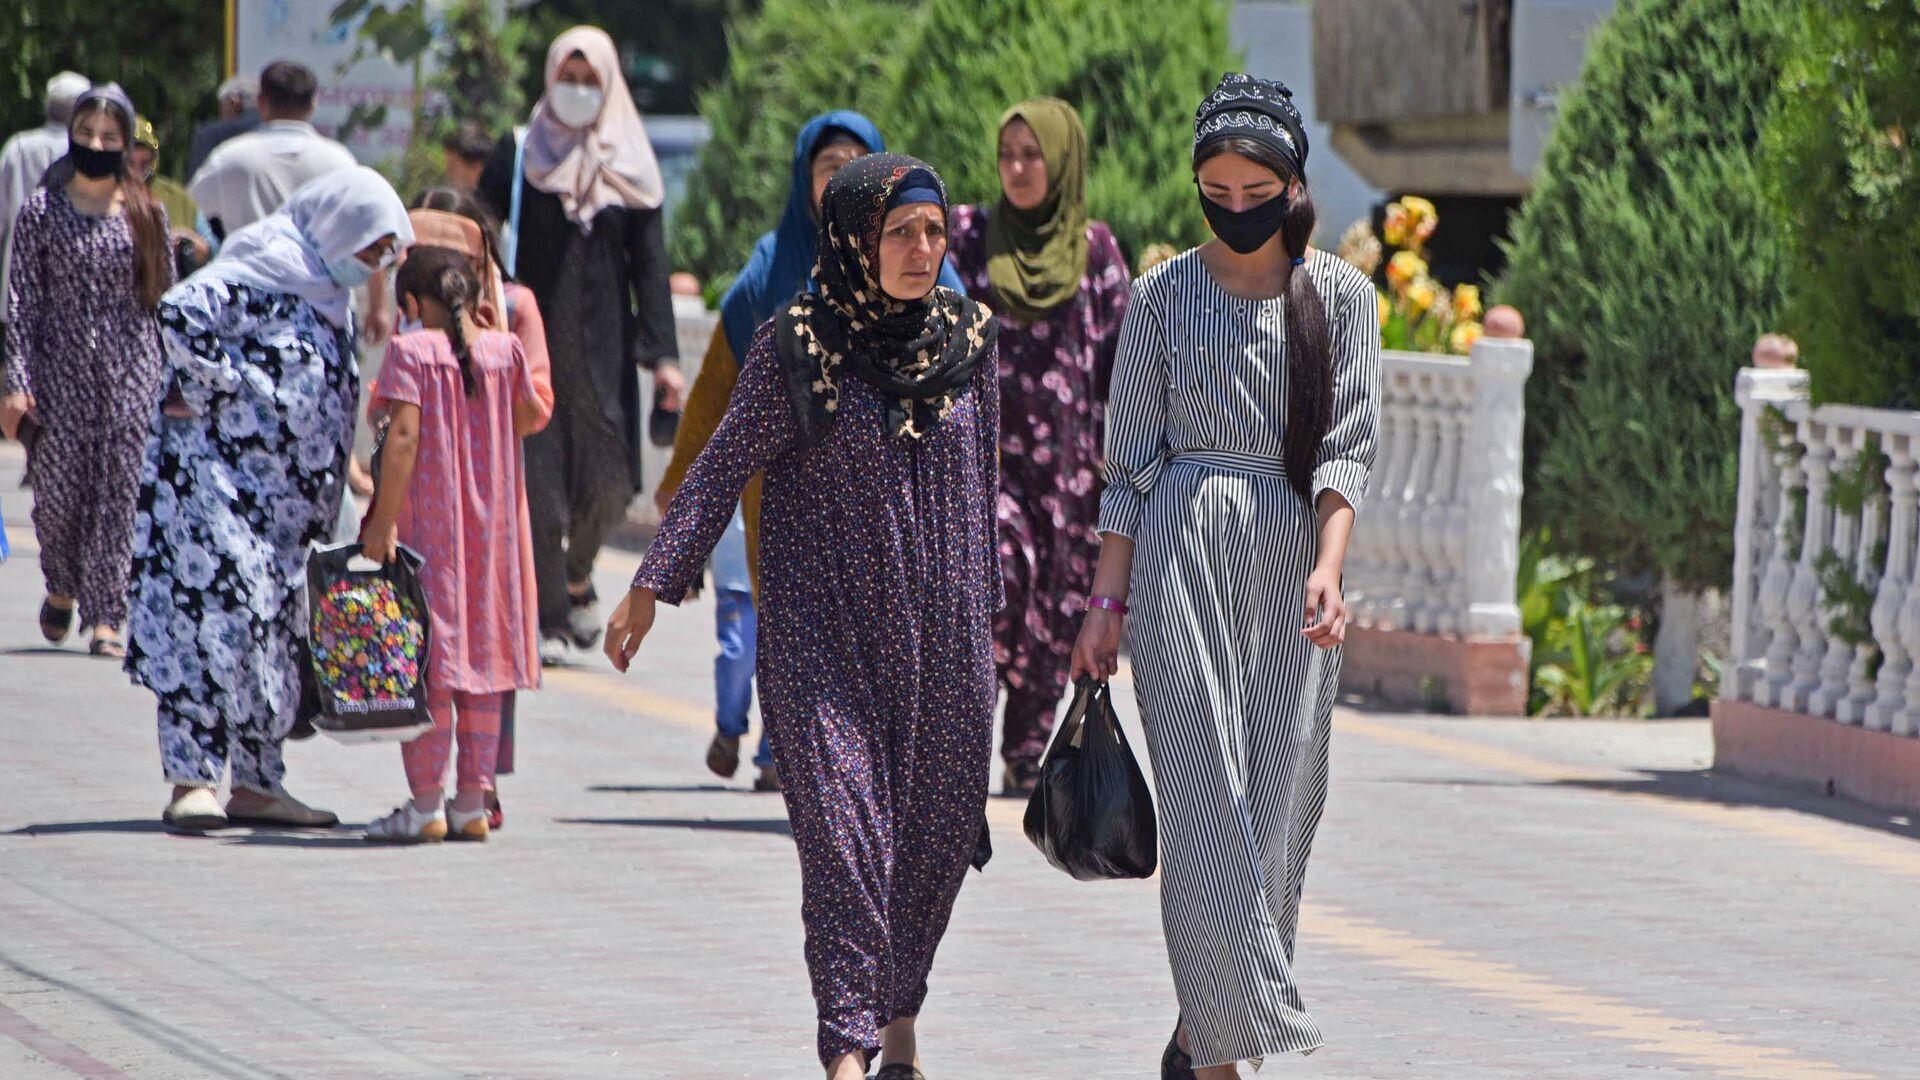 Девушки идут по улице в защитных масках - Sputnik Таджикистан, 1920, 17.07.2021